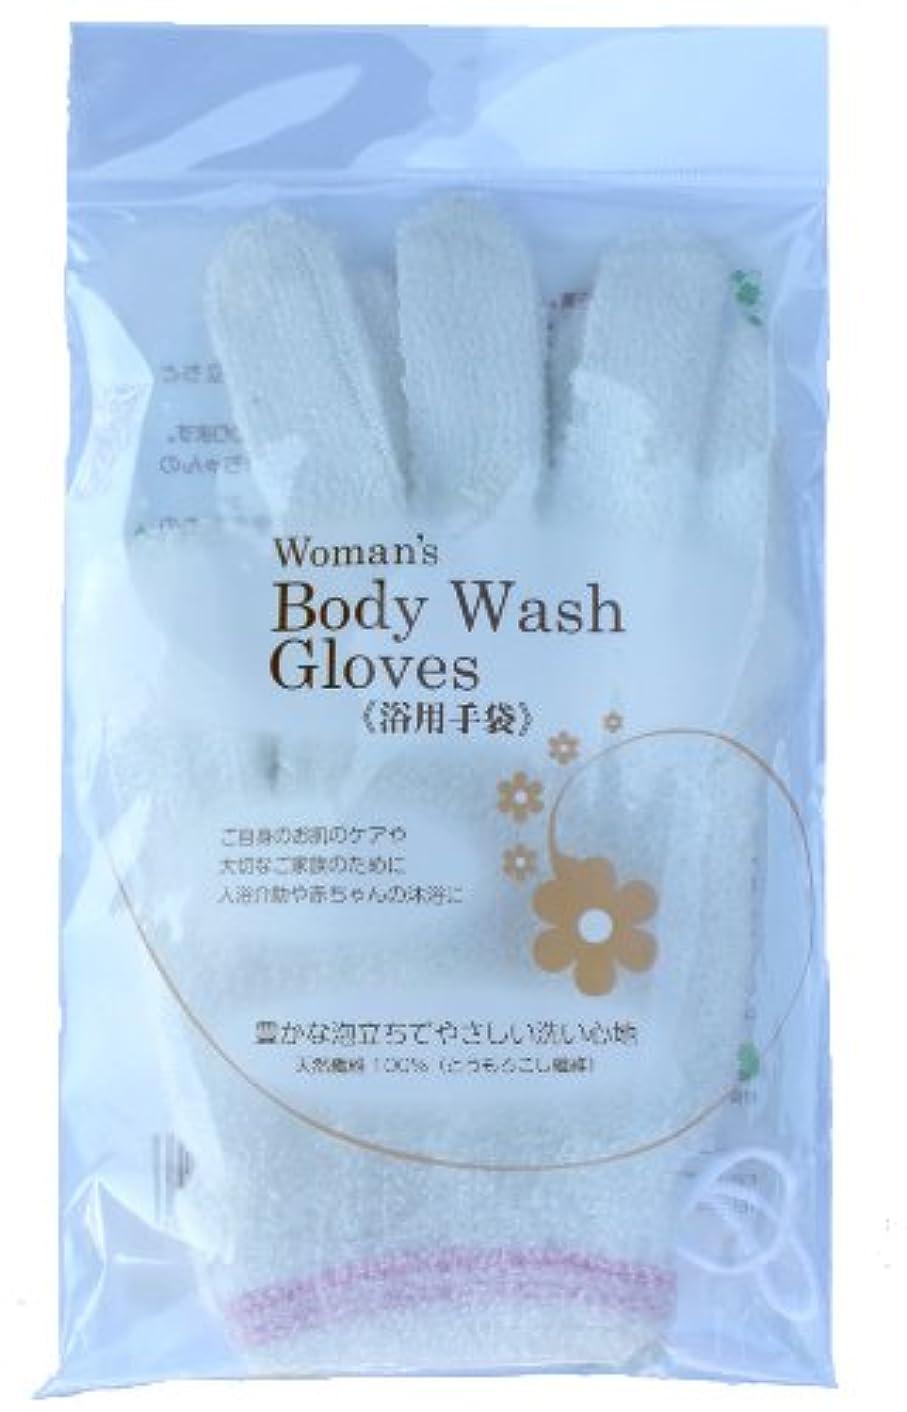 ウォルターカニンガムホテルテメリティエフケー工業 Body Wash Gloves (浴用手袋)